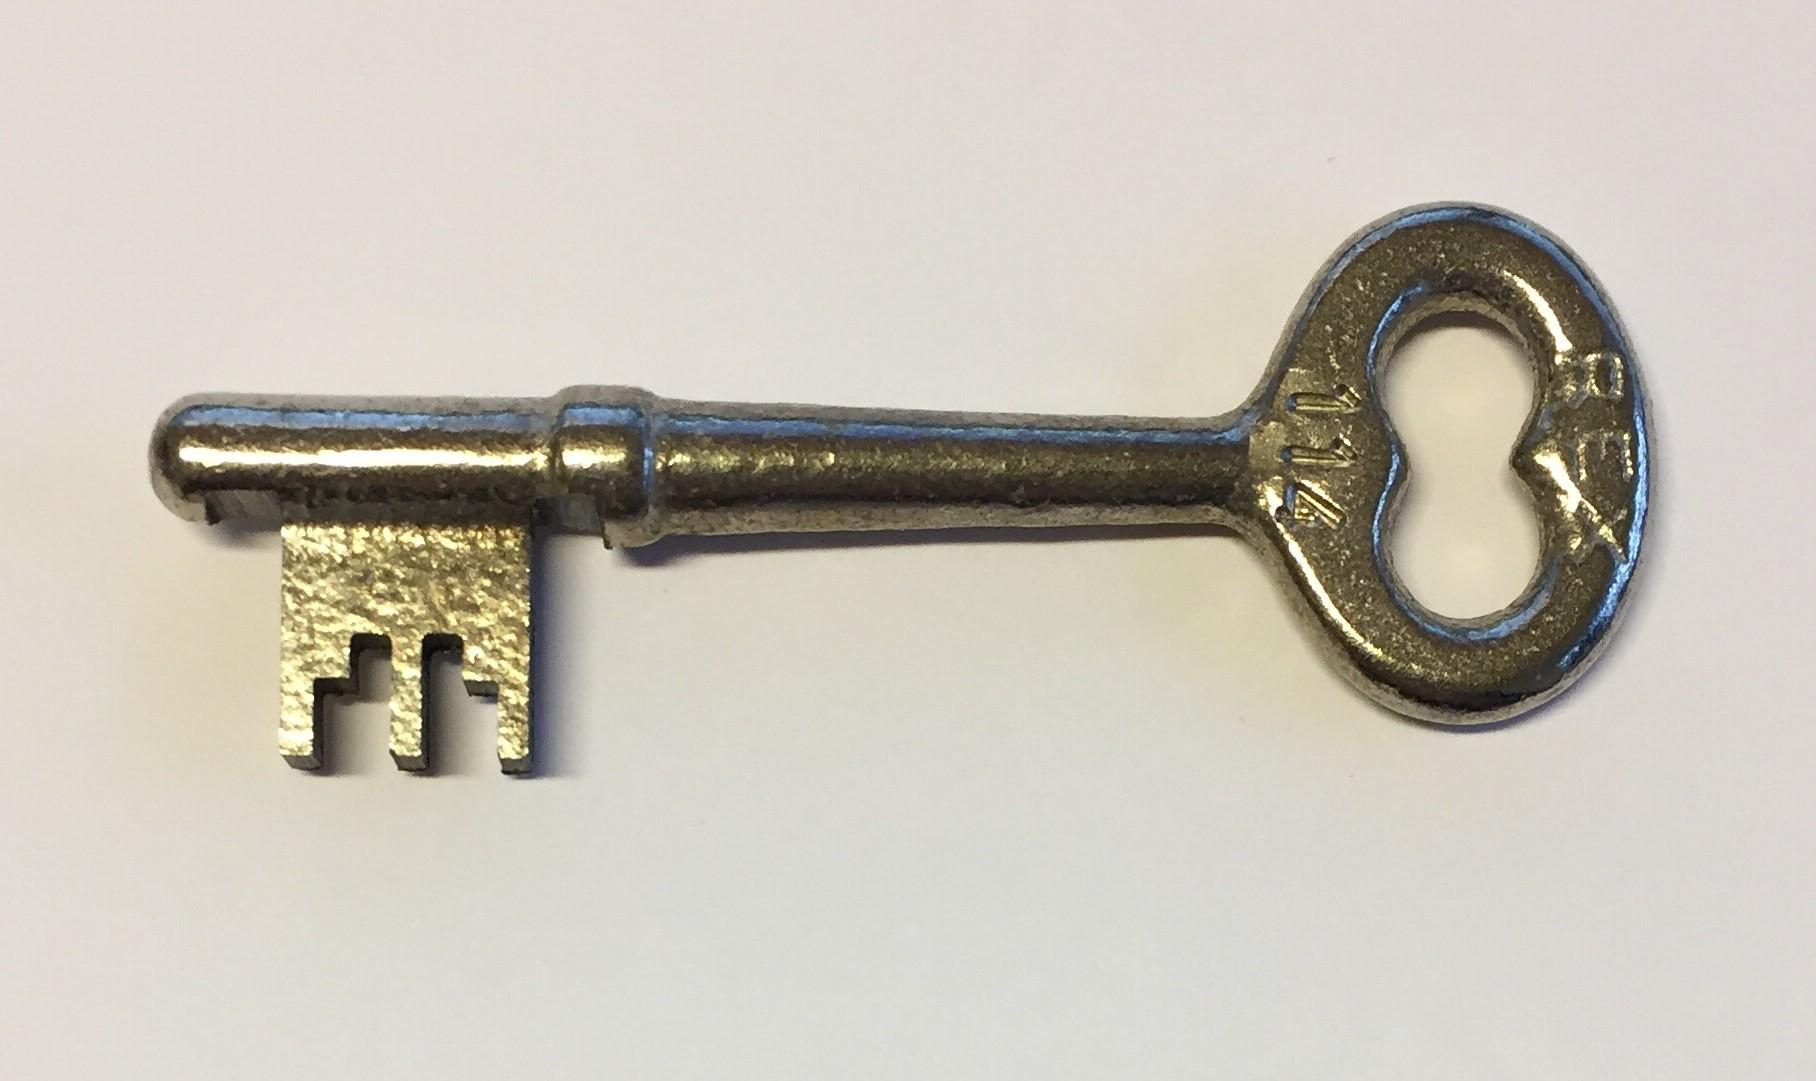 Udestående Hvordan finder jeg en nøgle til min indvendige dør? AQ83